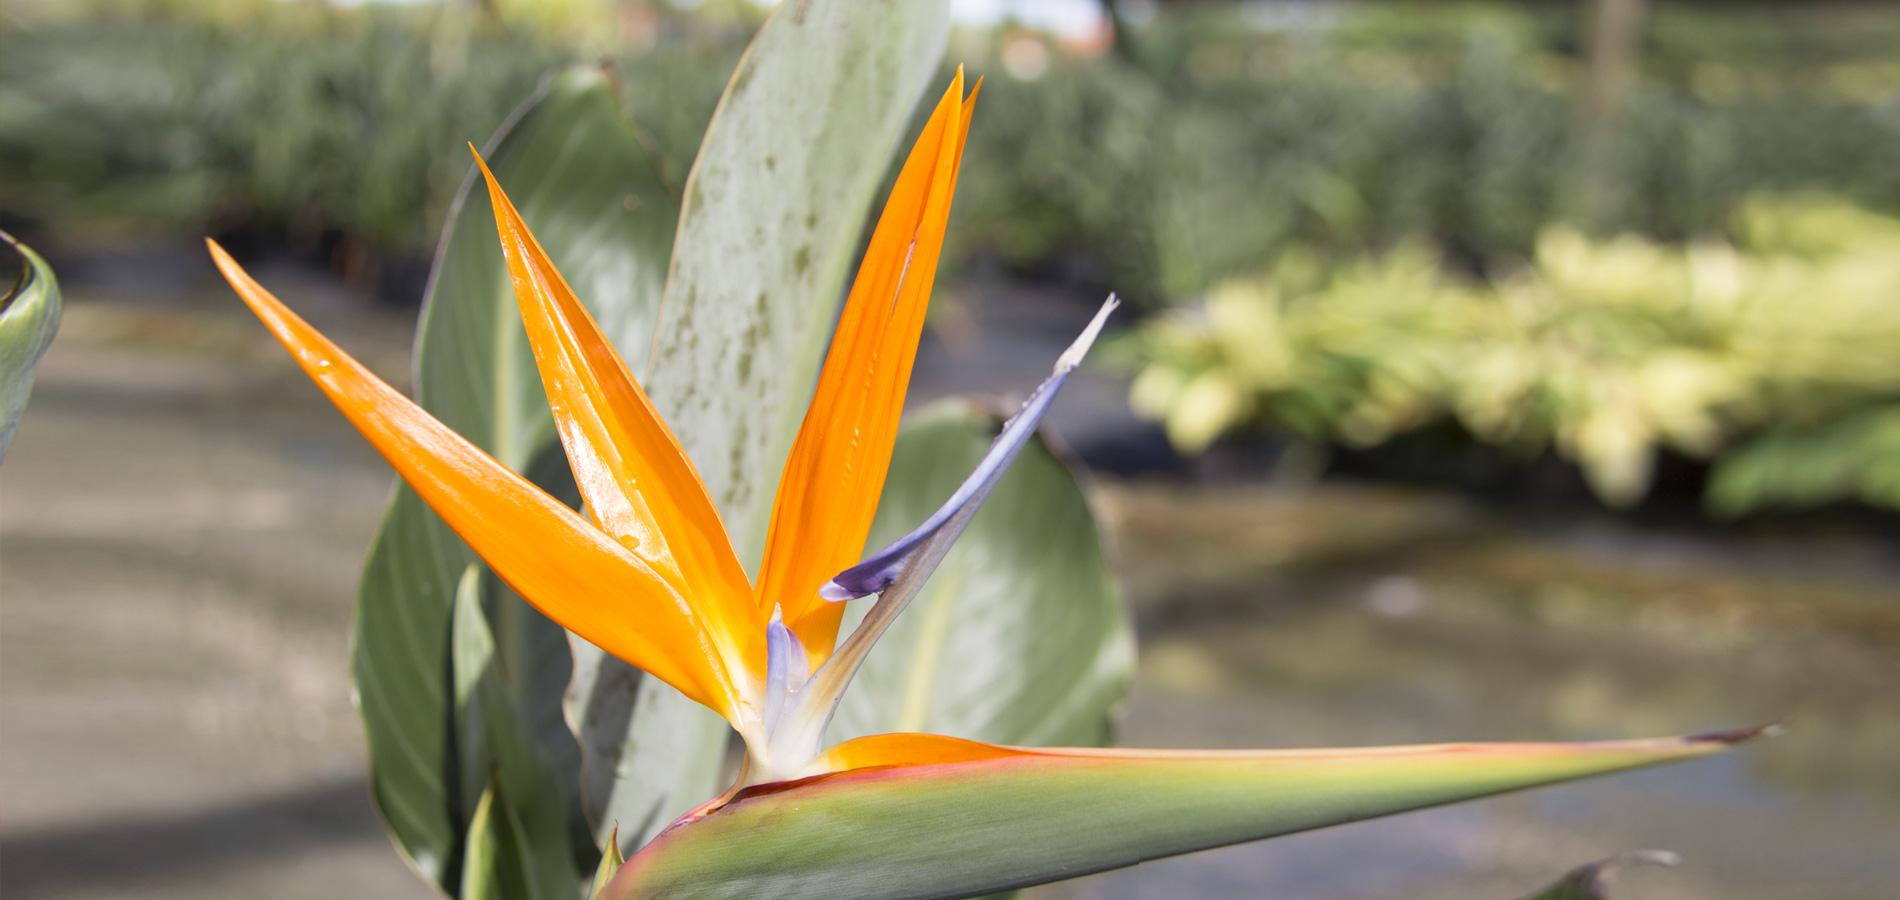 Fullsize Of Orange Bird Of Paradise